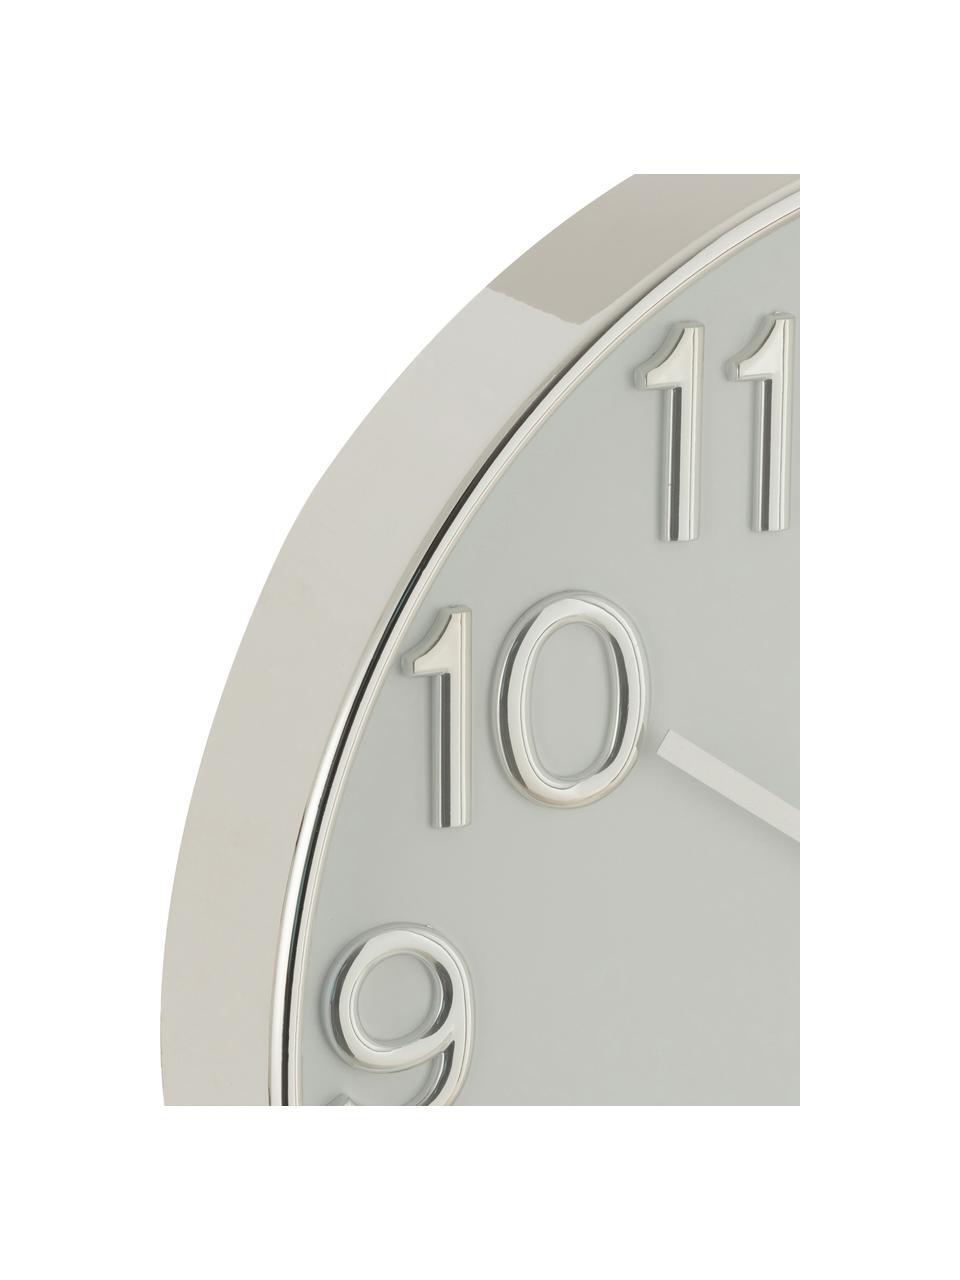 Wanduhr Arabic, Kunststoff, Silberfarben, Ø 40 cm